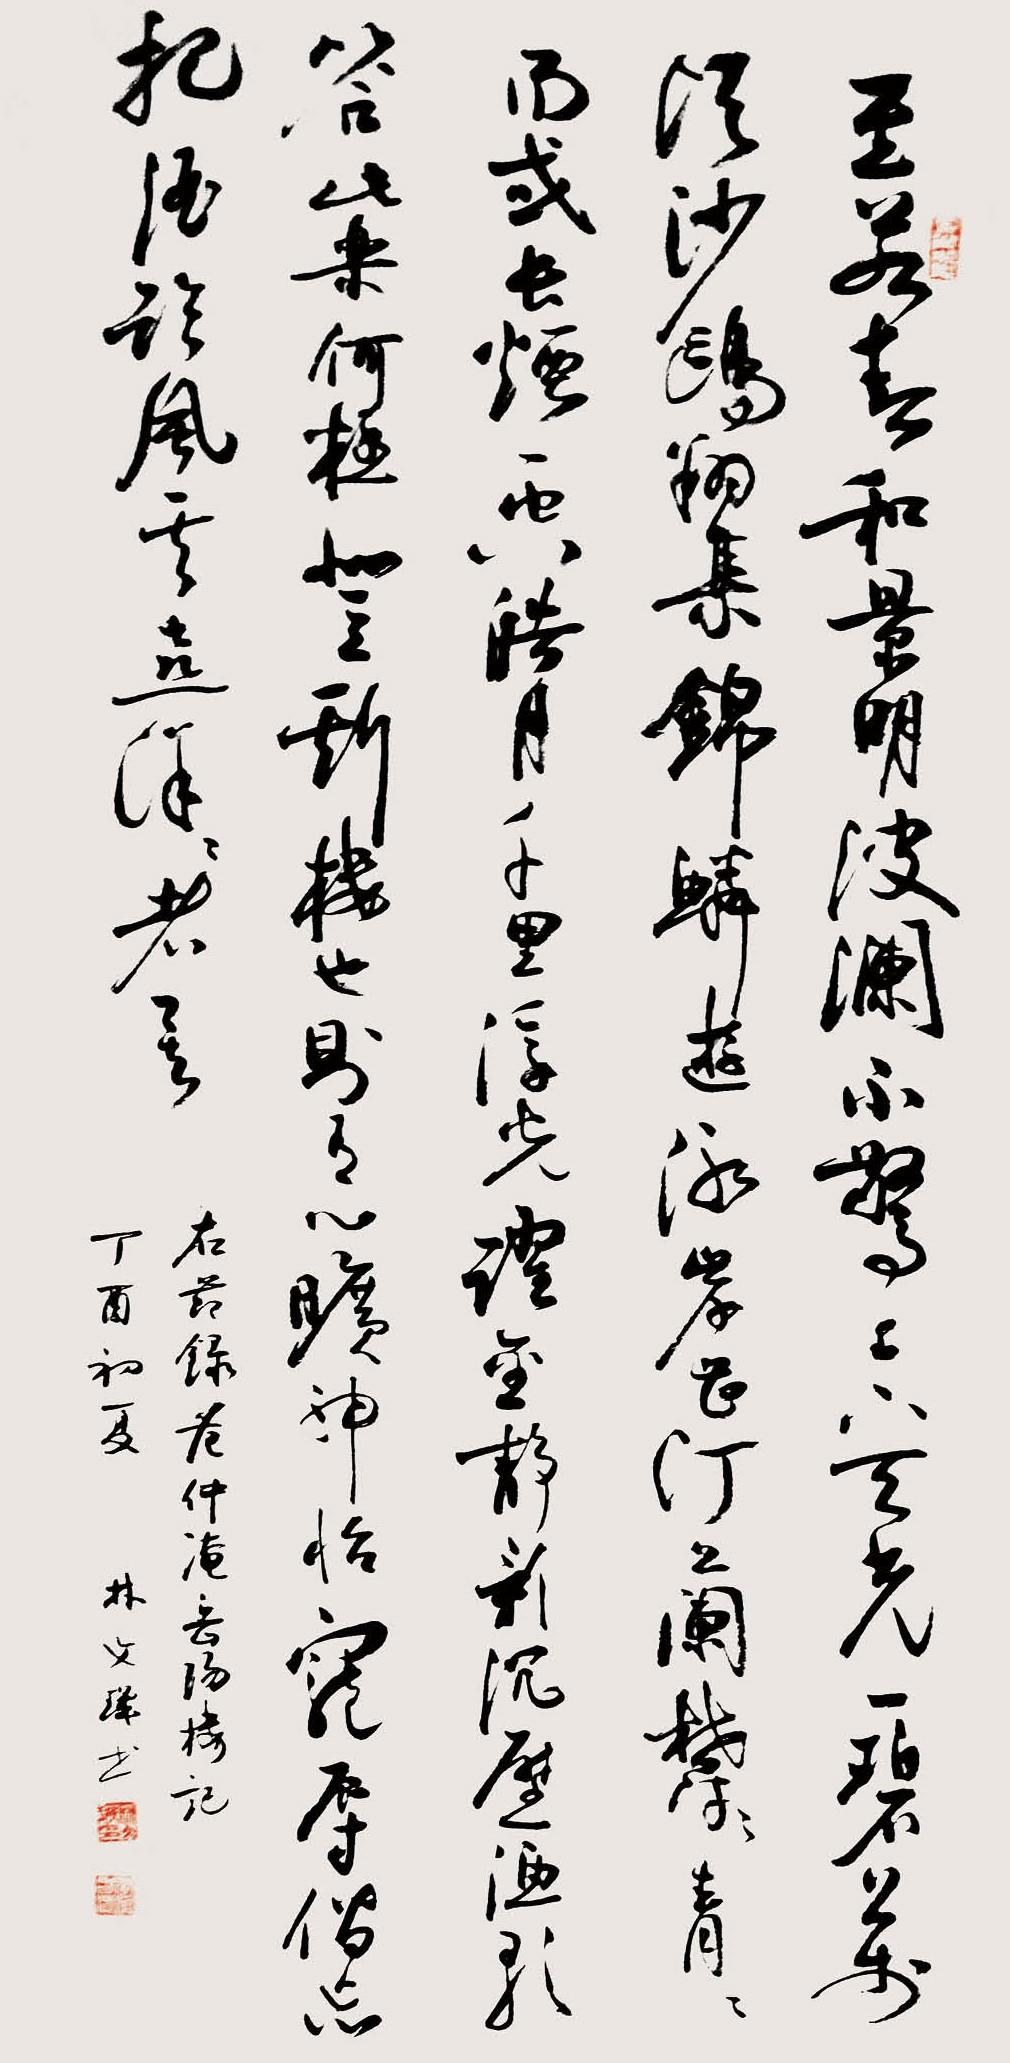 雅俗共赏――林文玑书法作品欣赏